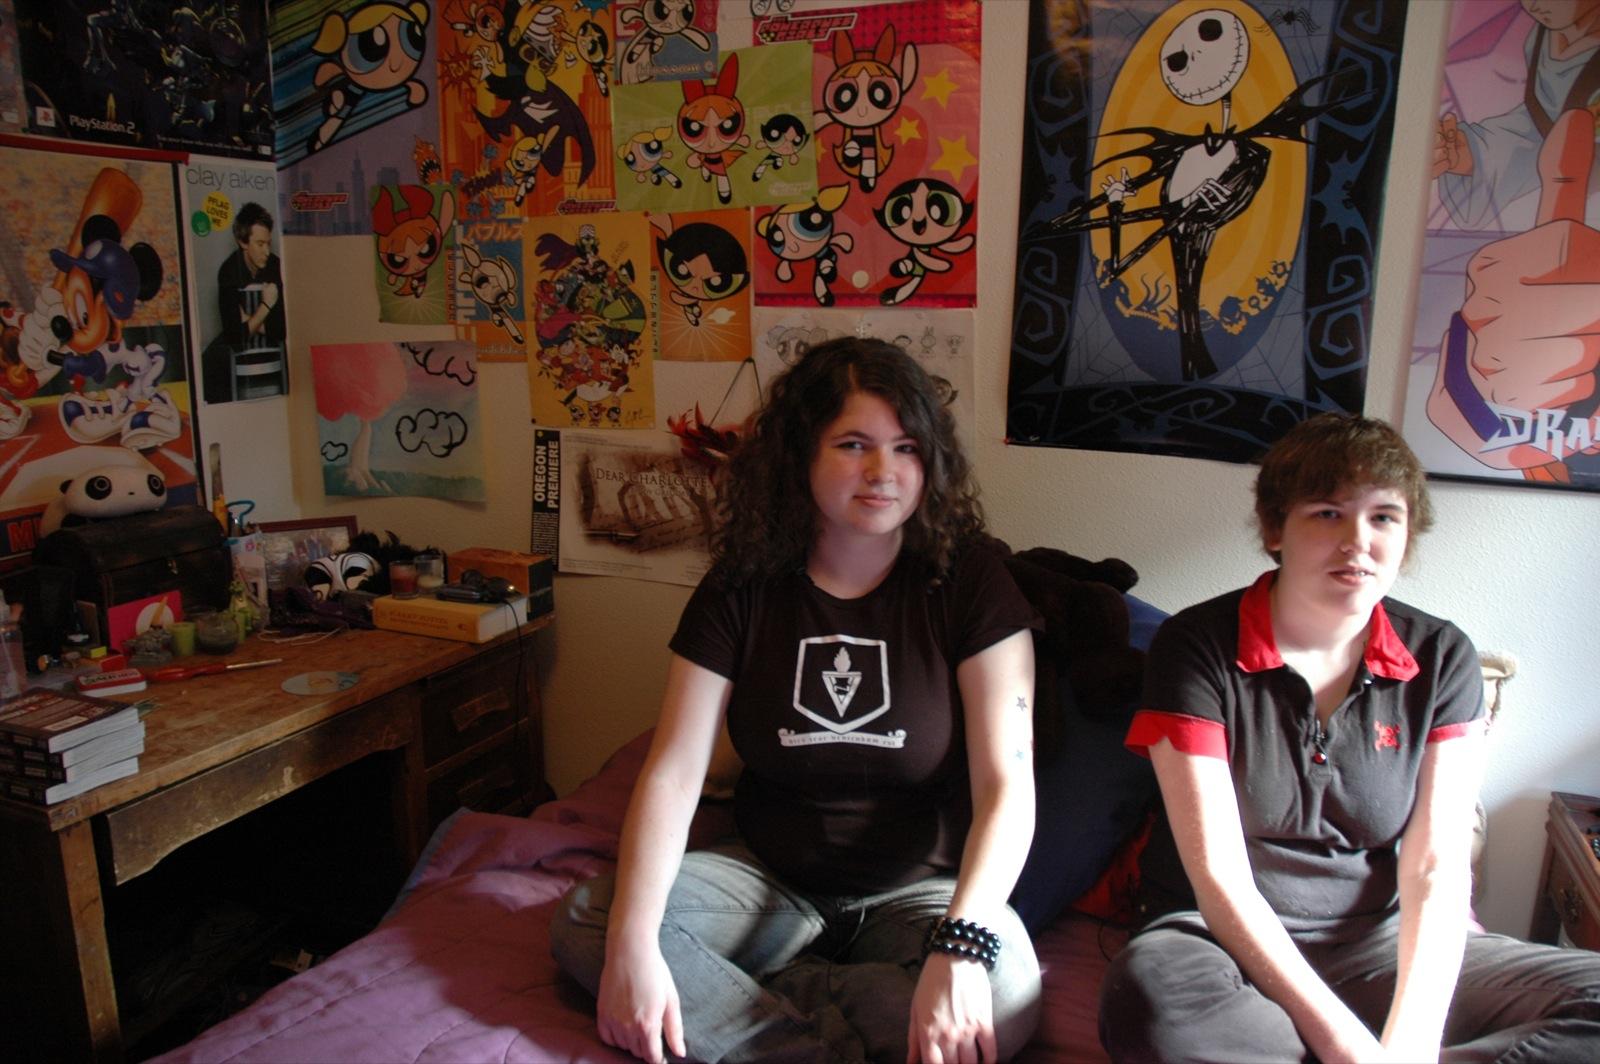 Sean's teenage daughters